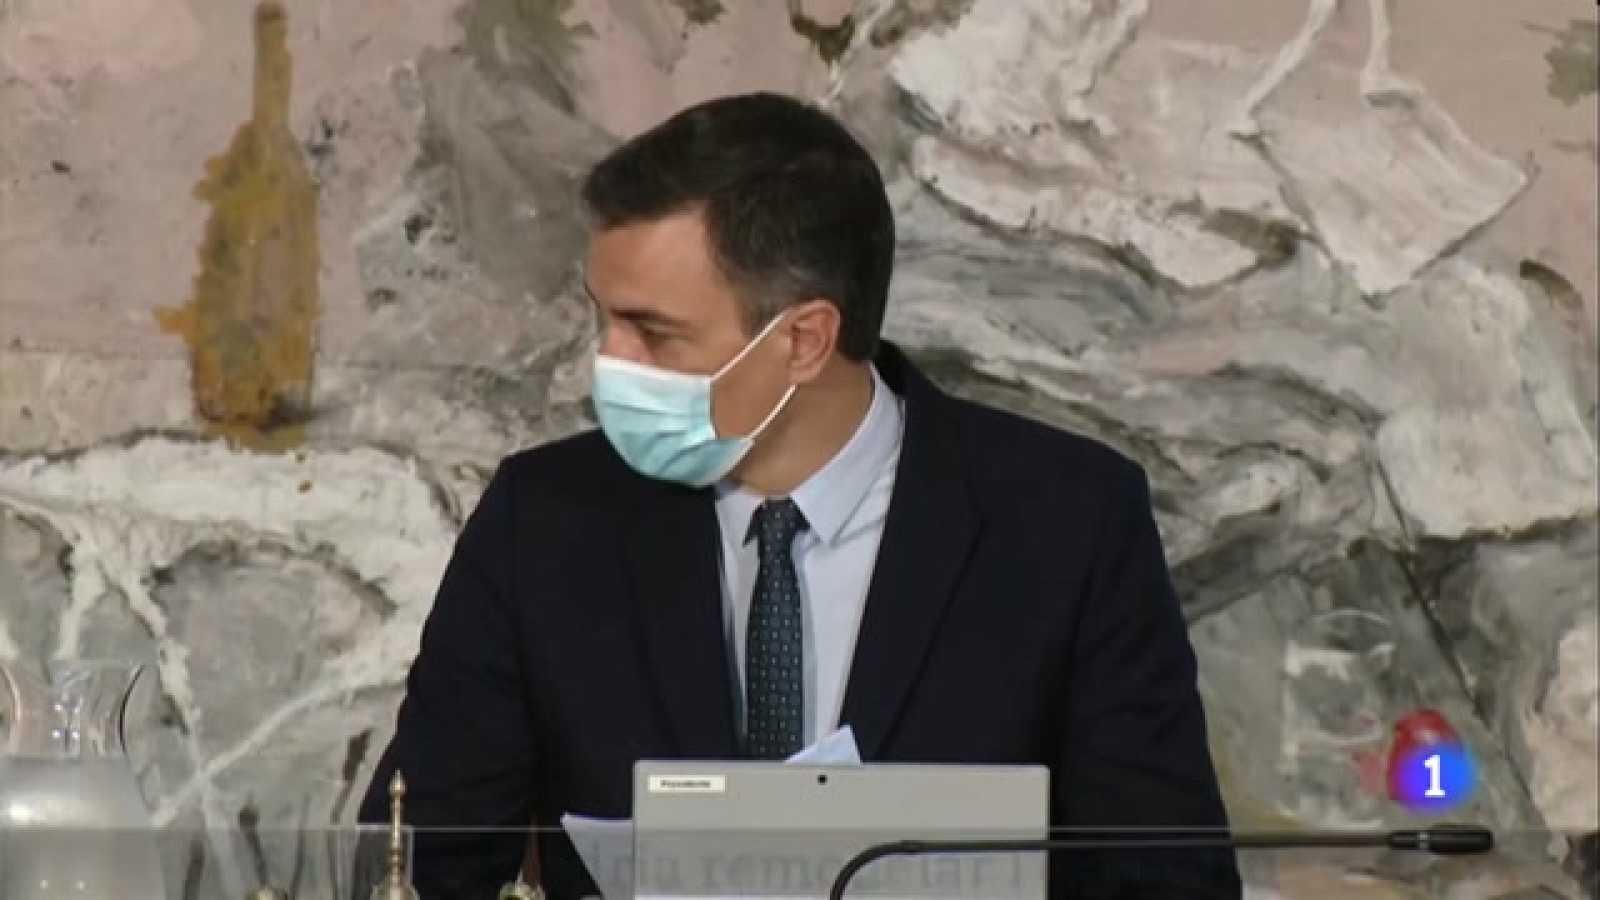 Els presidents Aragonès i Sánchez preparen per telèfon la primer reunió a la Moncloa